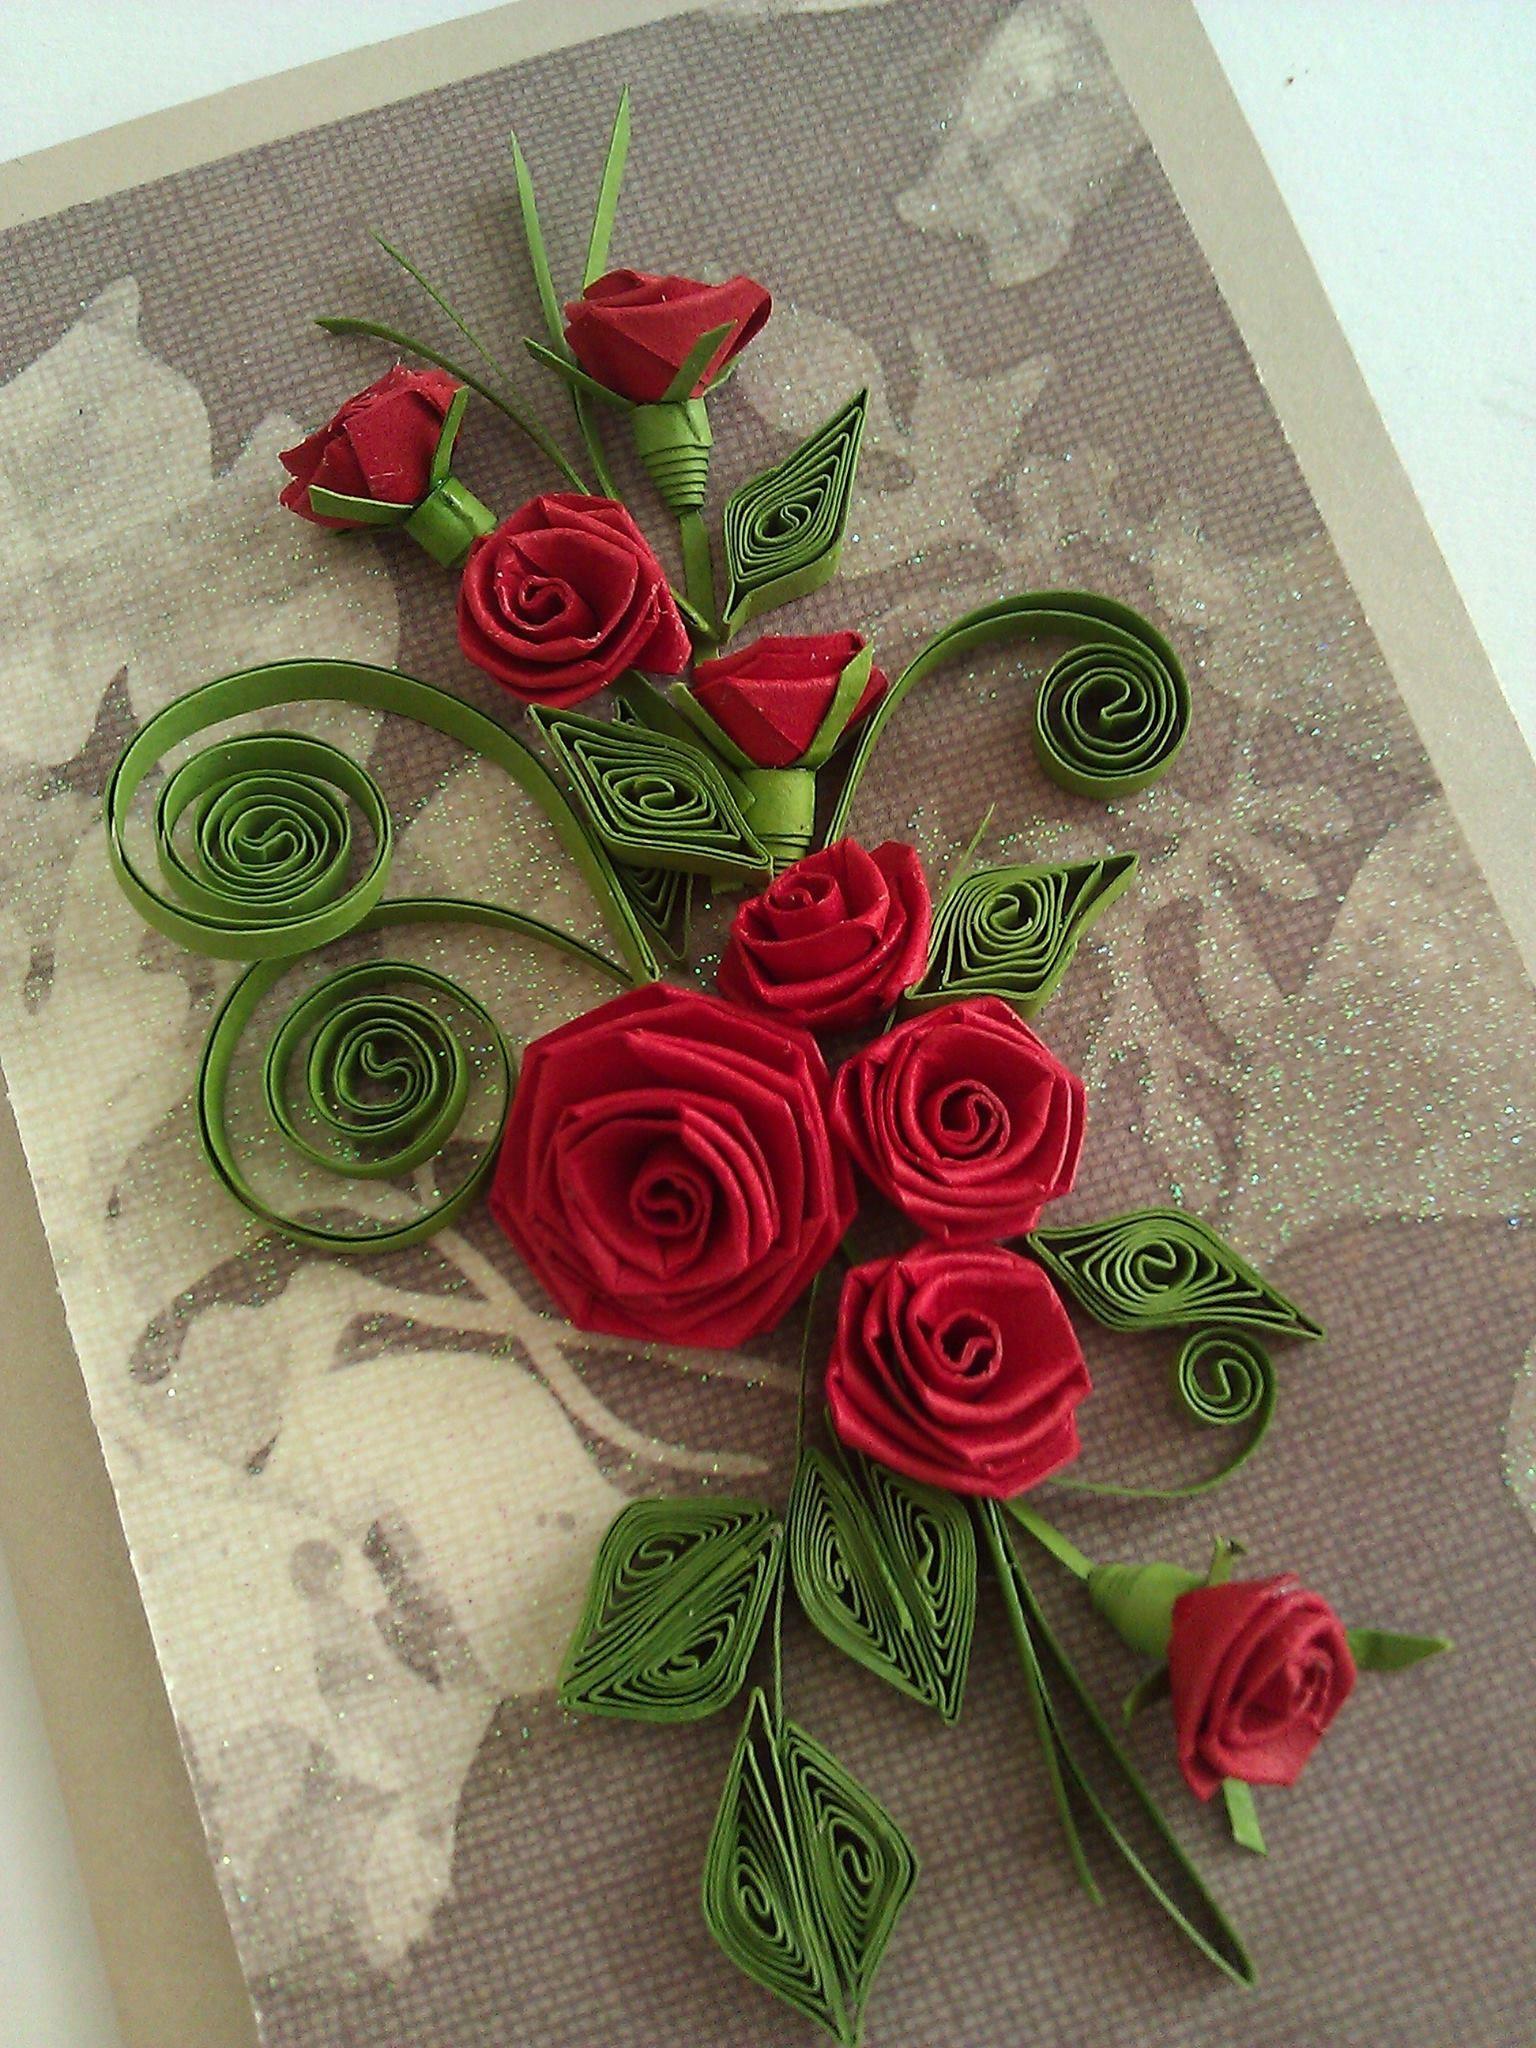 Анимация, открытки по квиллингу с розами